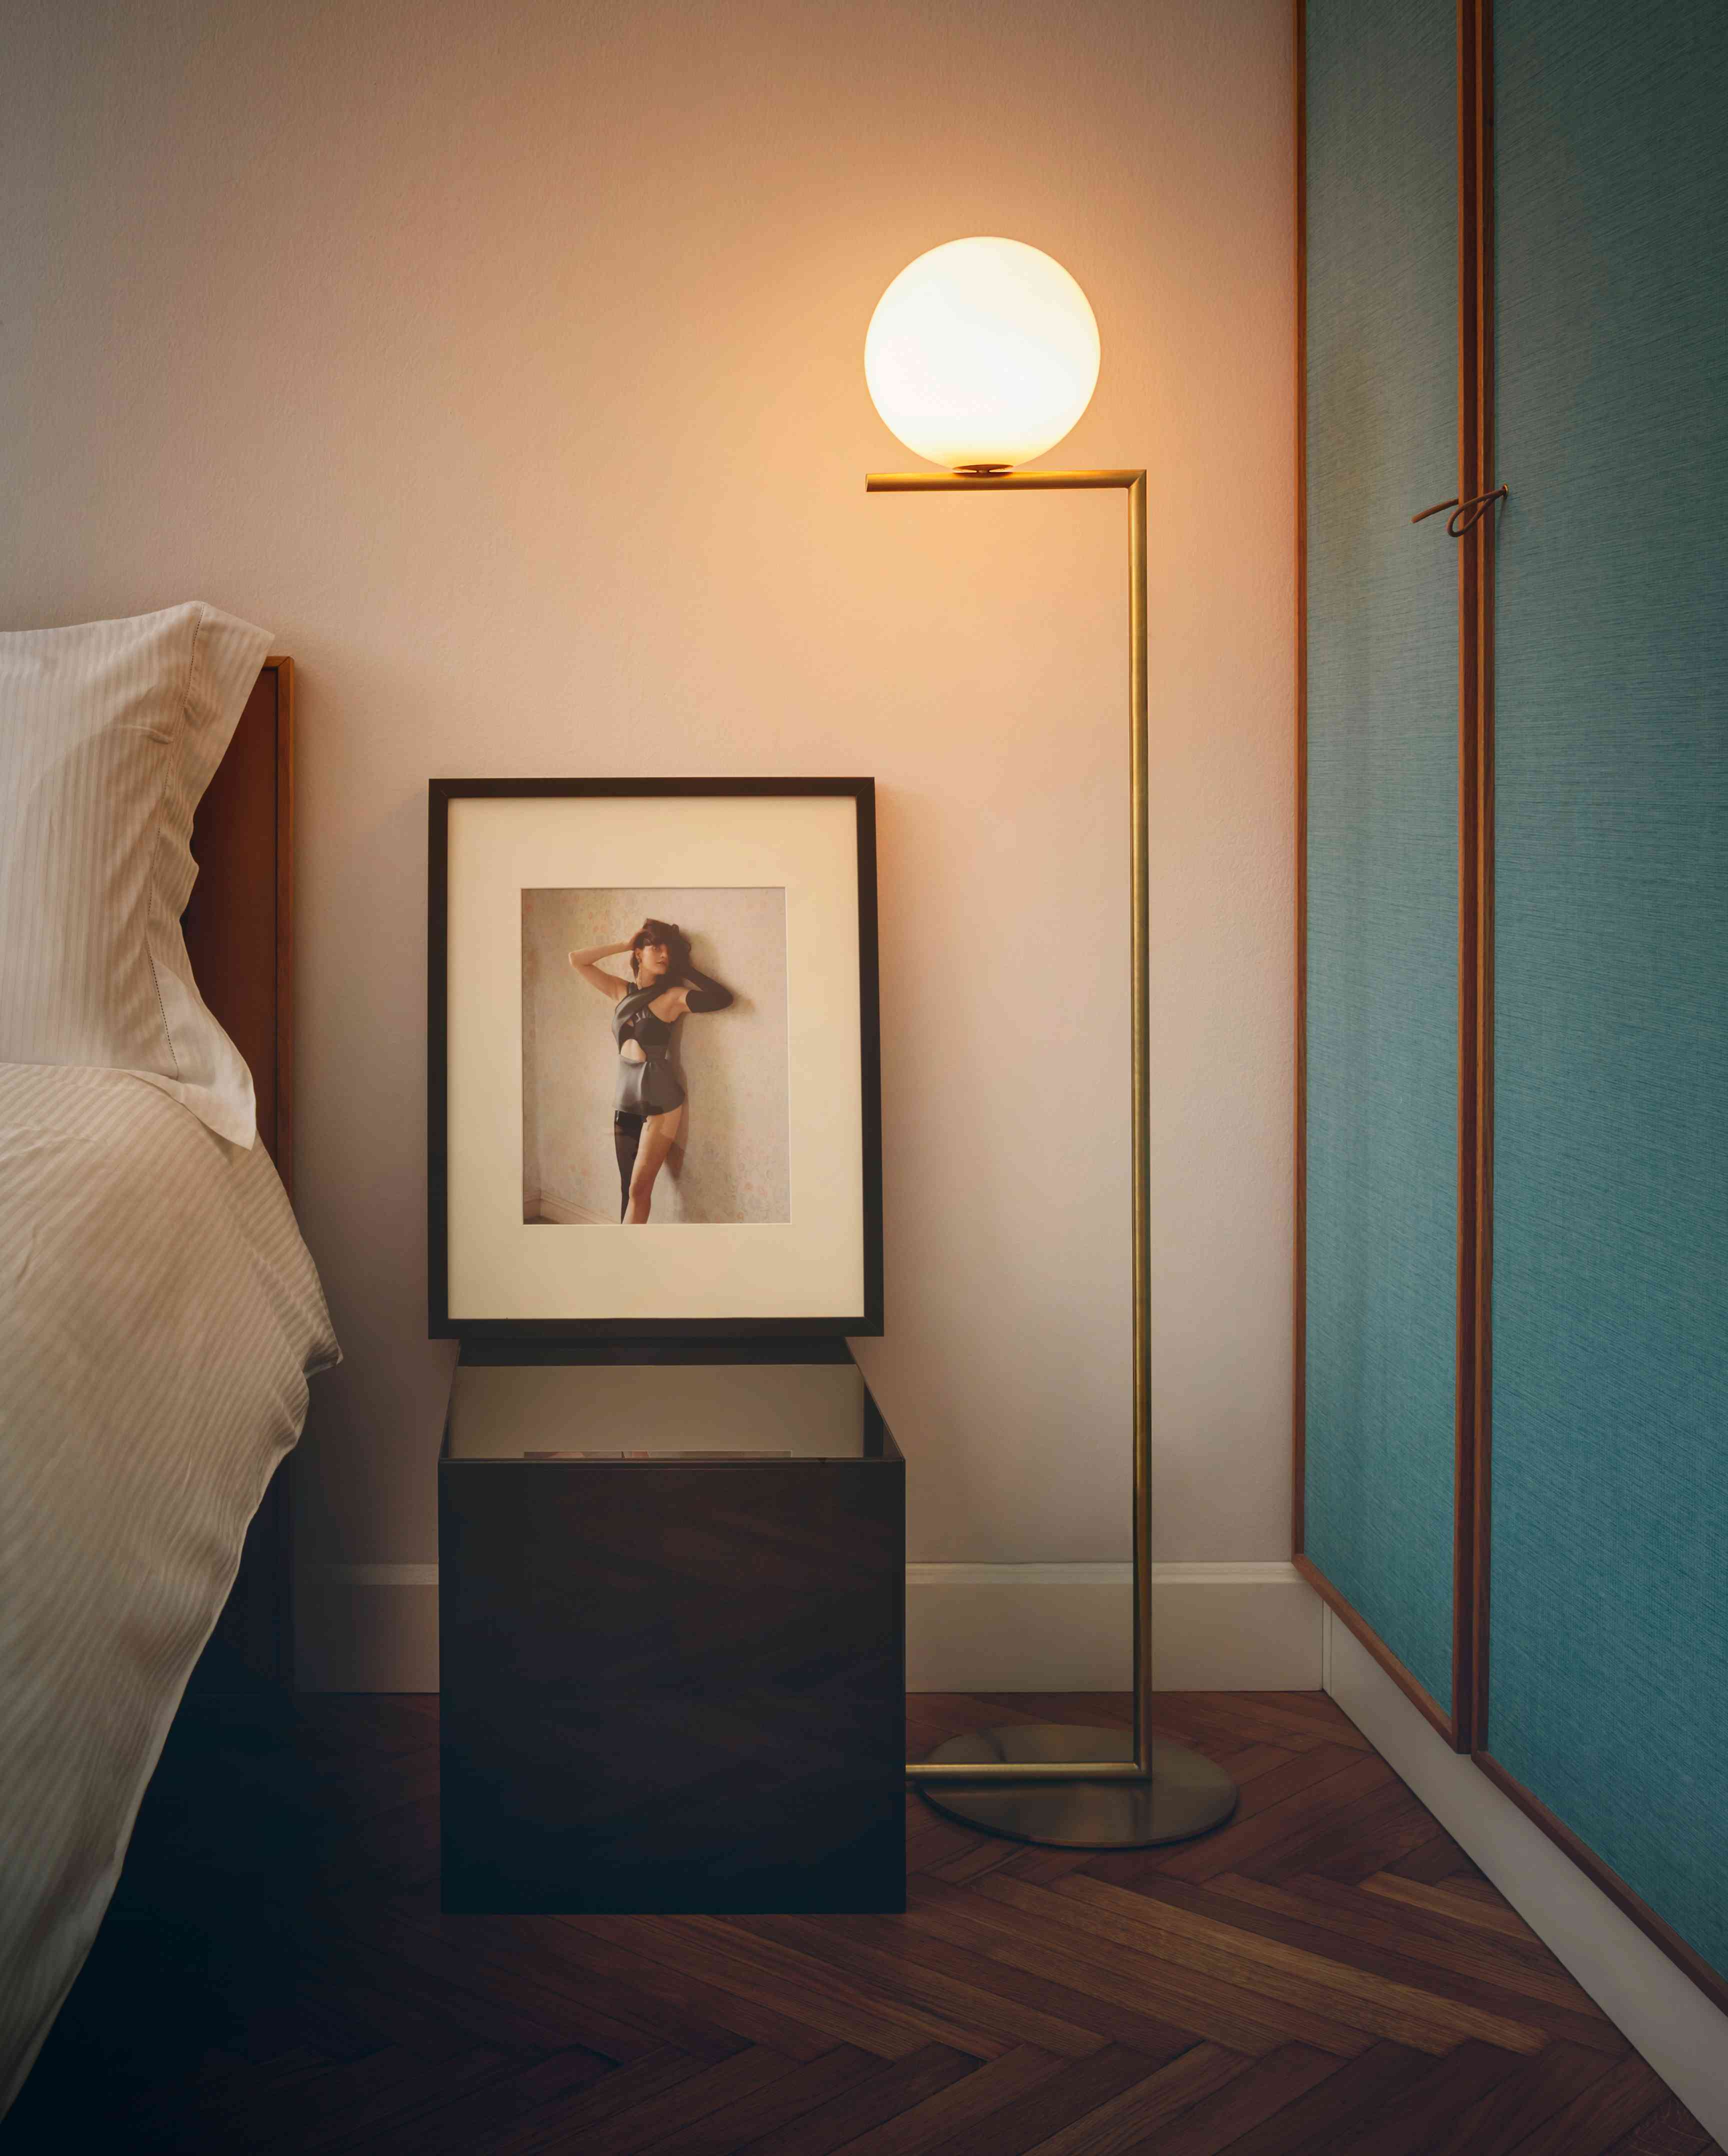 IC Light F Bedroom Floor Lamp